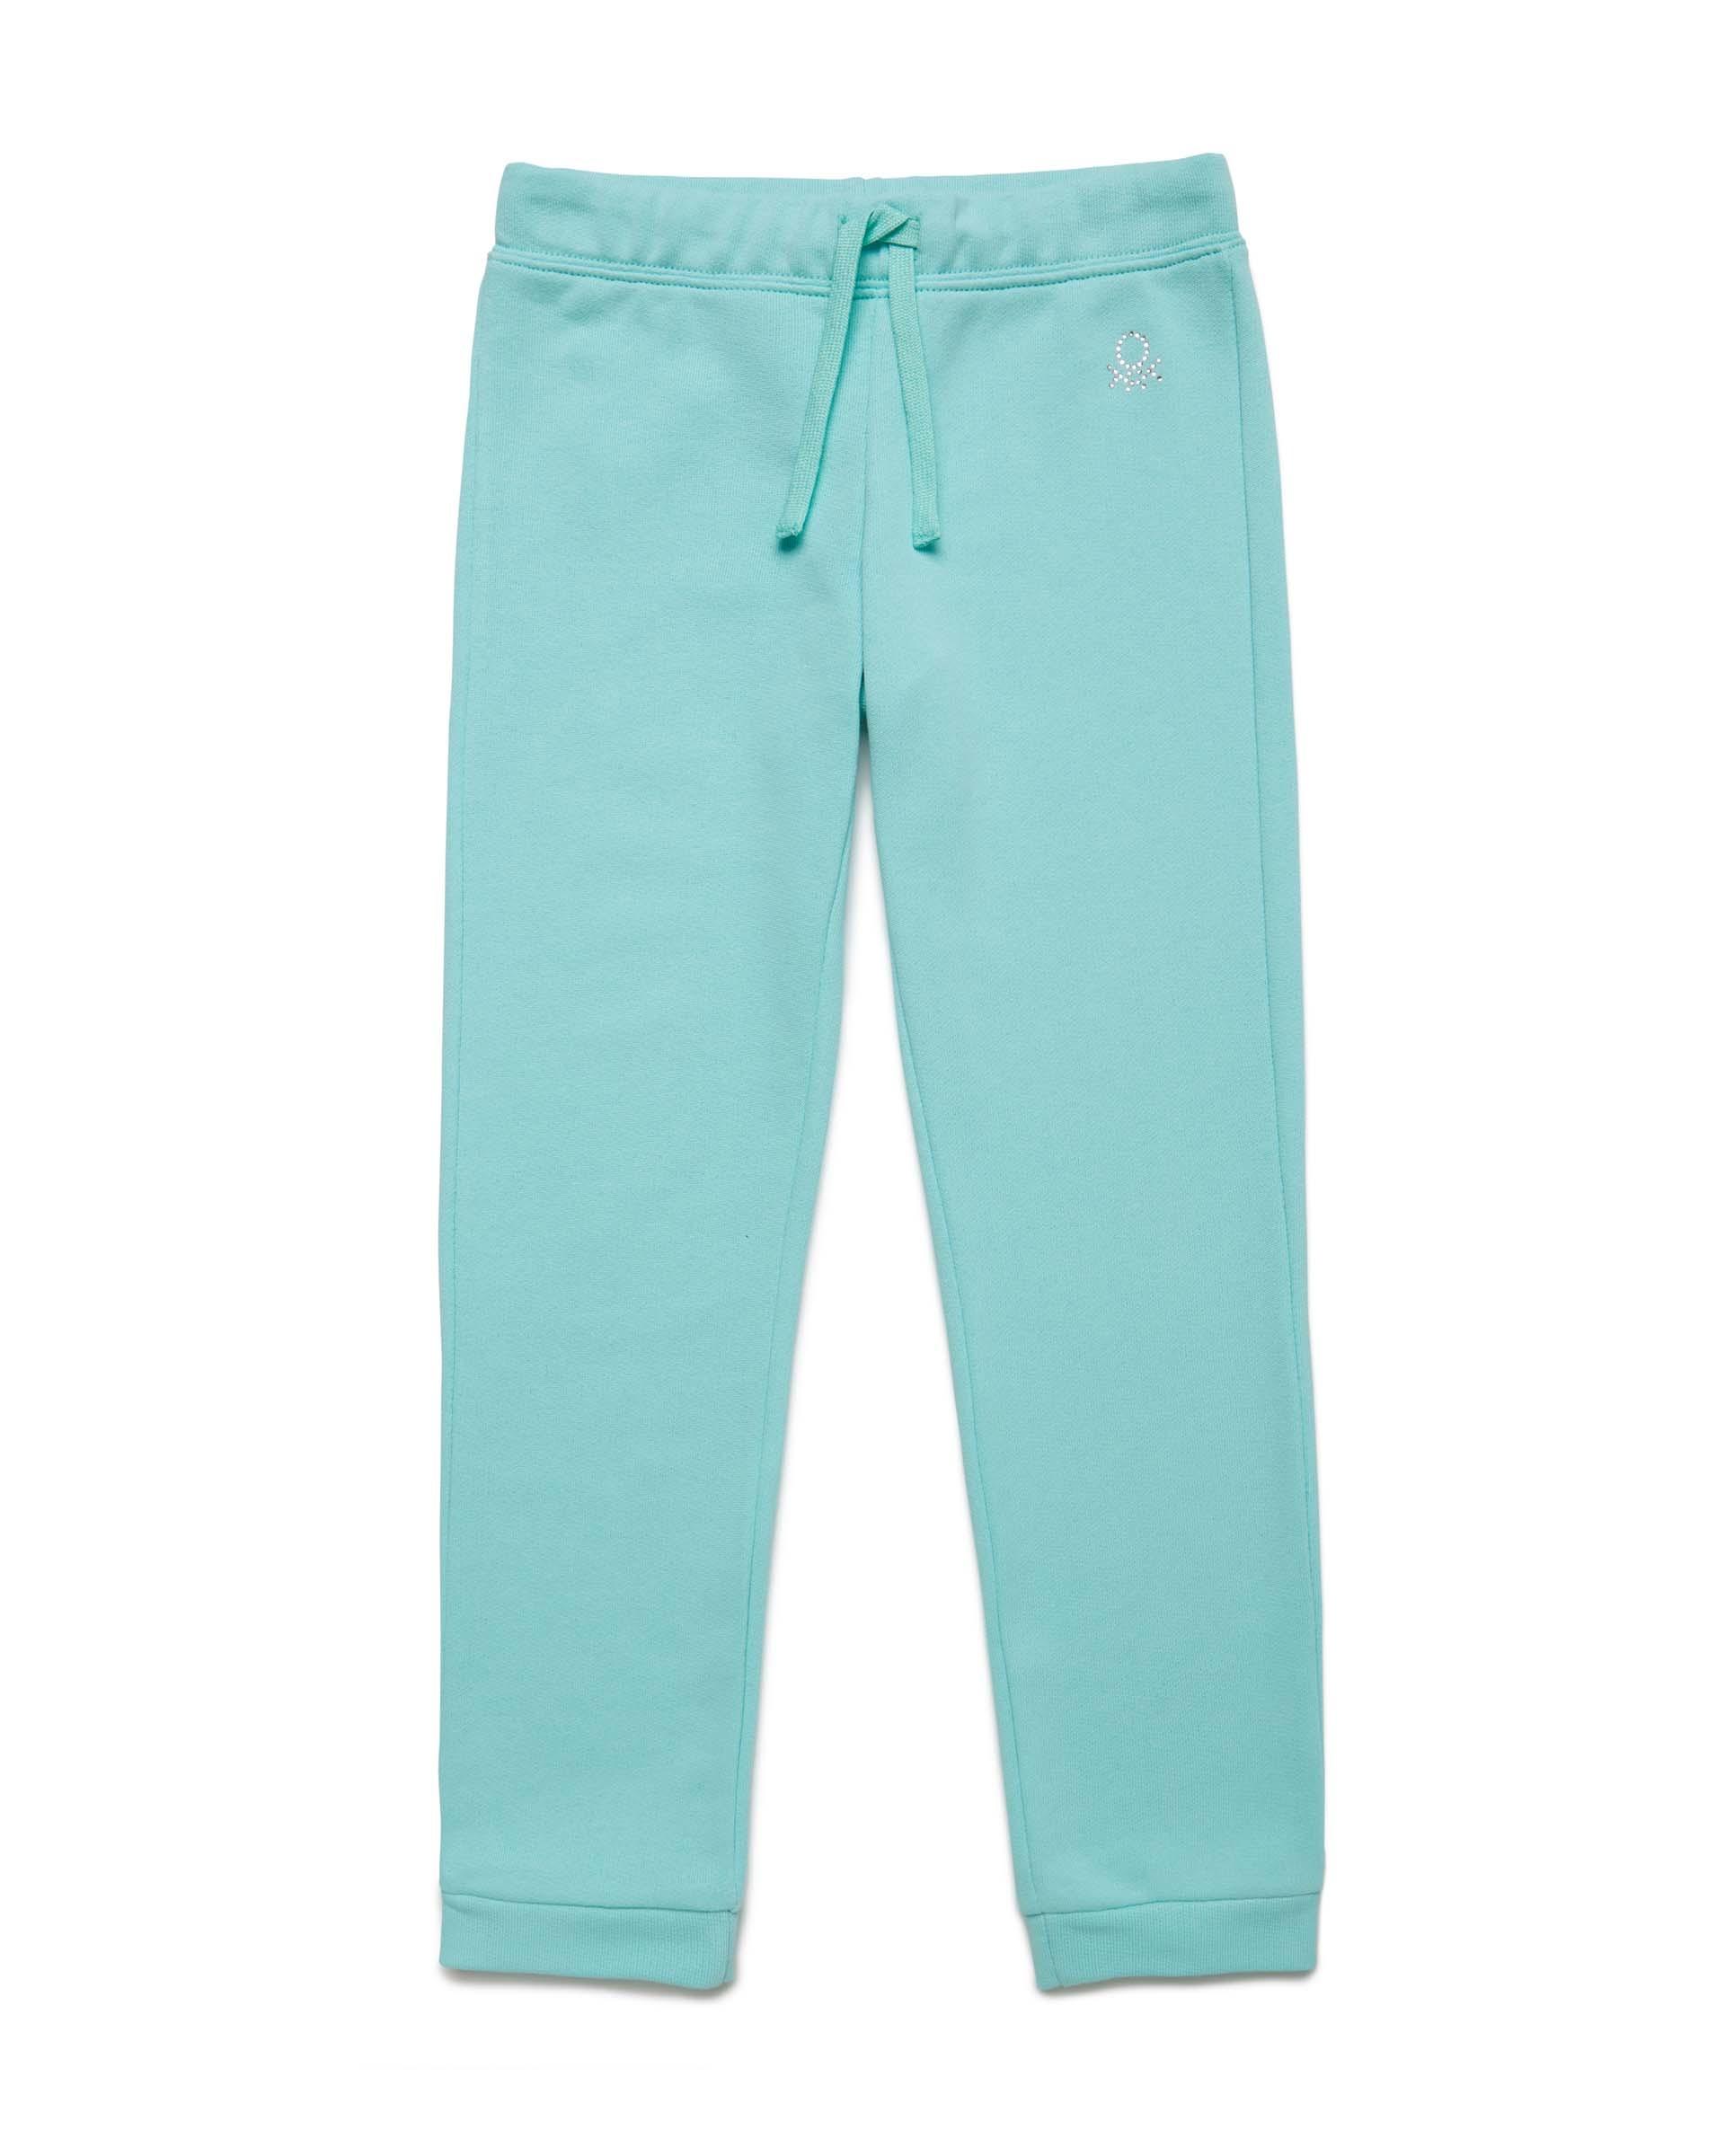 Купить 20P_3J68I0897_0Z8, Спортивные брюки для девочек Benetton 3J68I0897_0Z8 р-р 80, United Colors of Benetton, Шорты и брюки для новорожденных